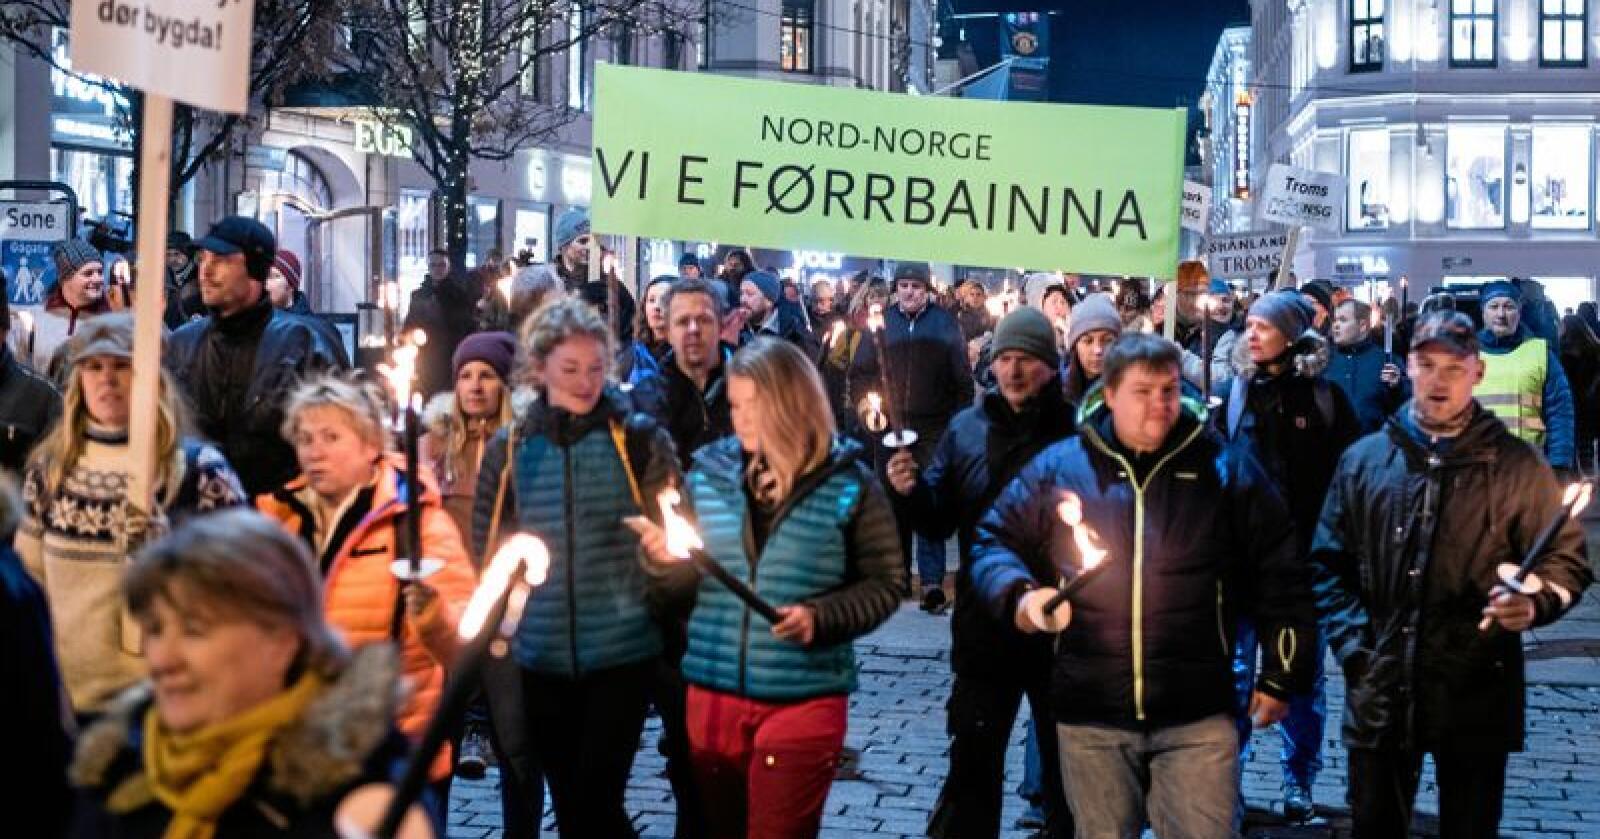 Fakkeltog og ulveprotest i Oslo januar 2019. Foto: Vidar Sandnes